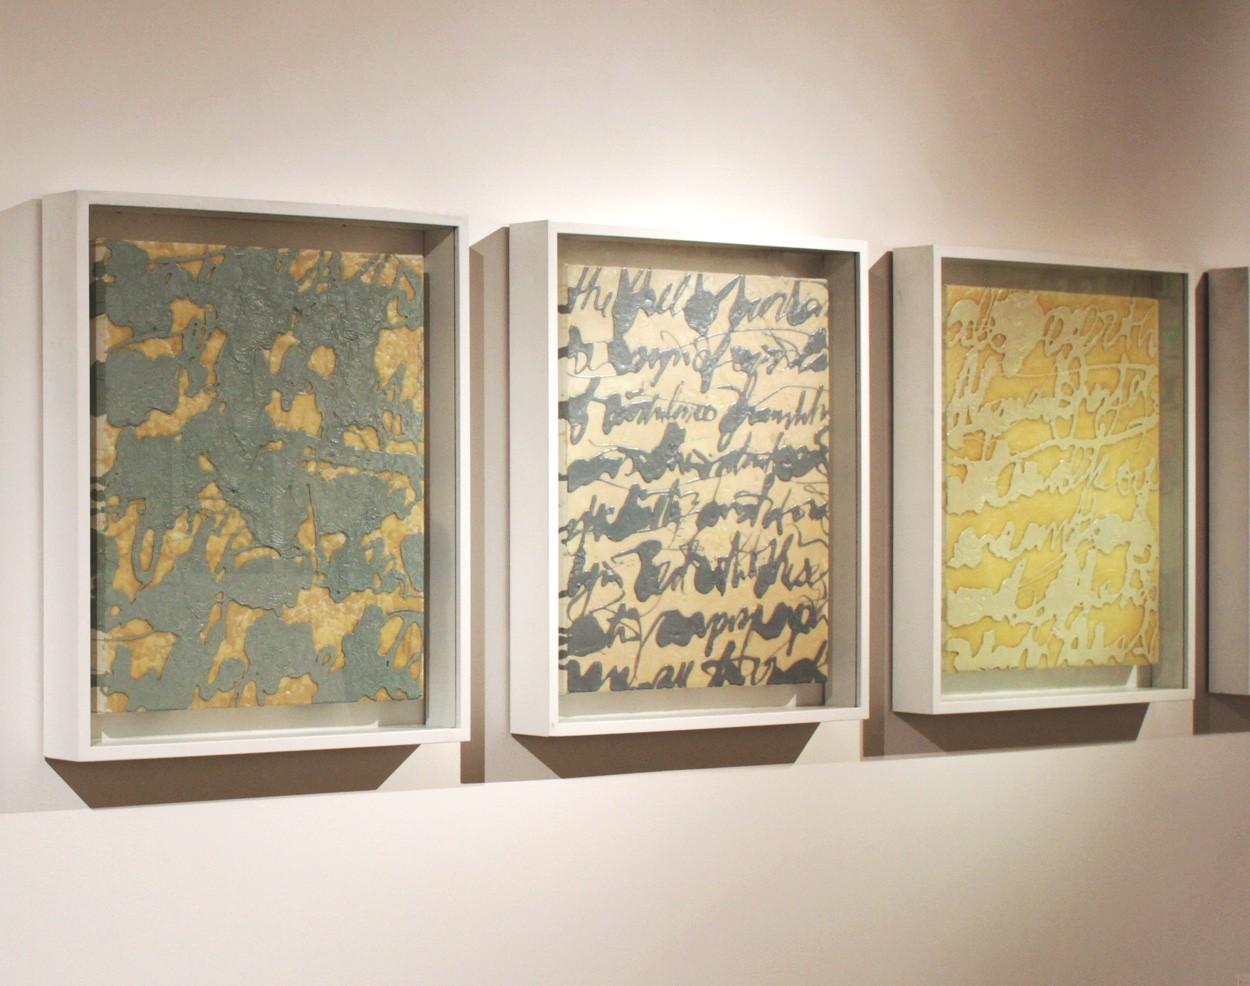 Malerei Befehlen und Erobern #14, gerahmt | Ausstellung PROPAGANDA | Künstler Marek Schovanek